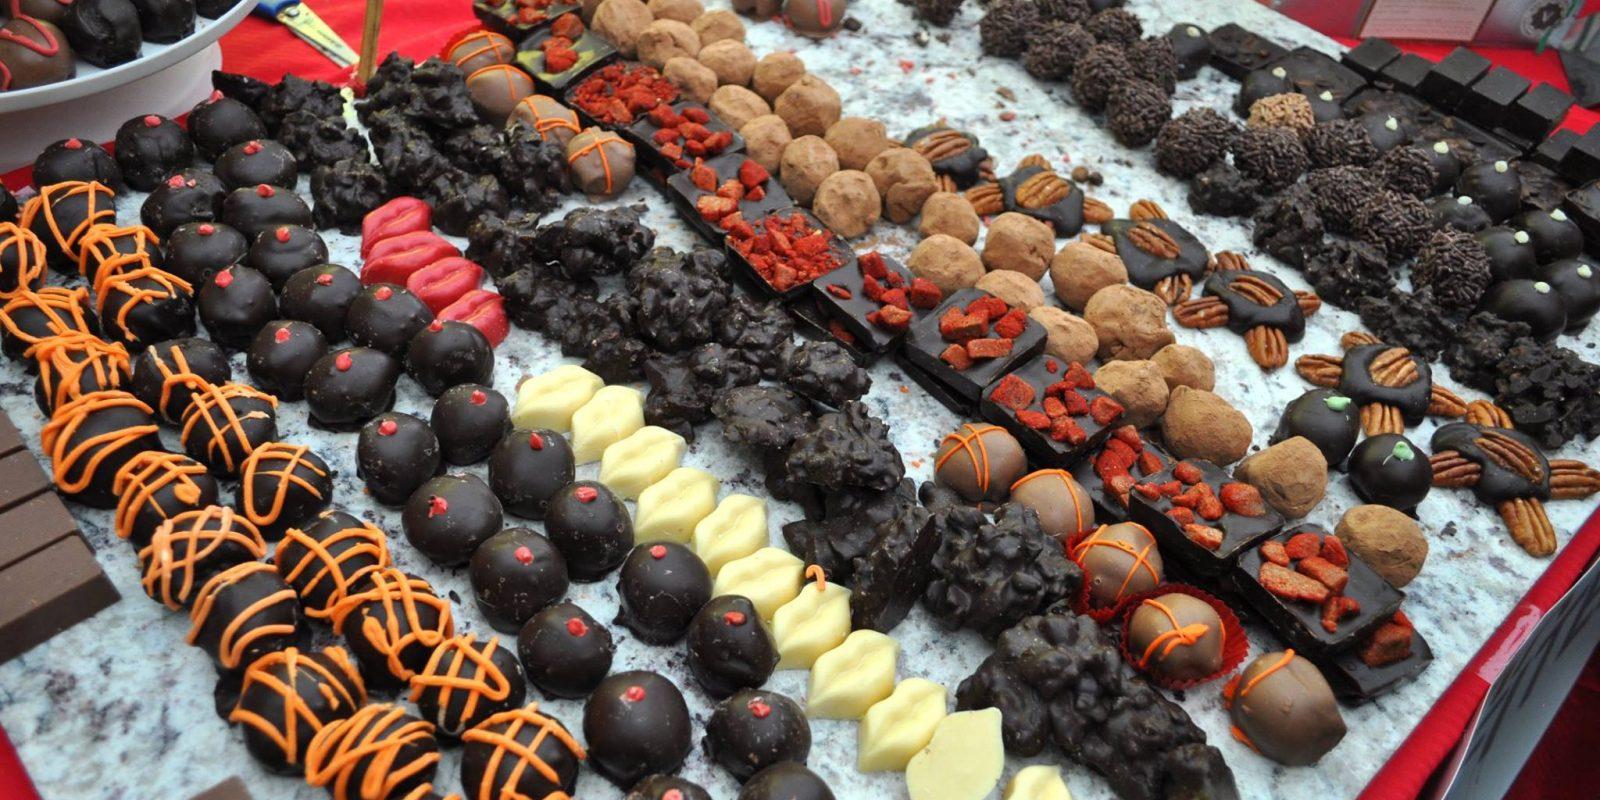 chocolates-foto-1. Imagen Por: Especial